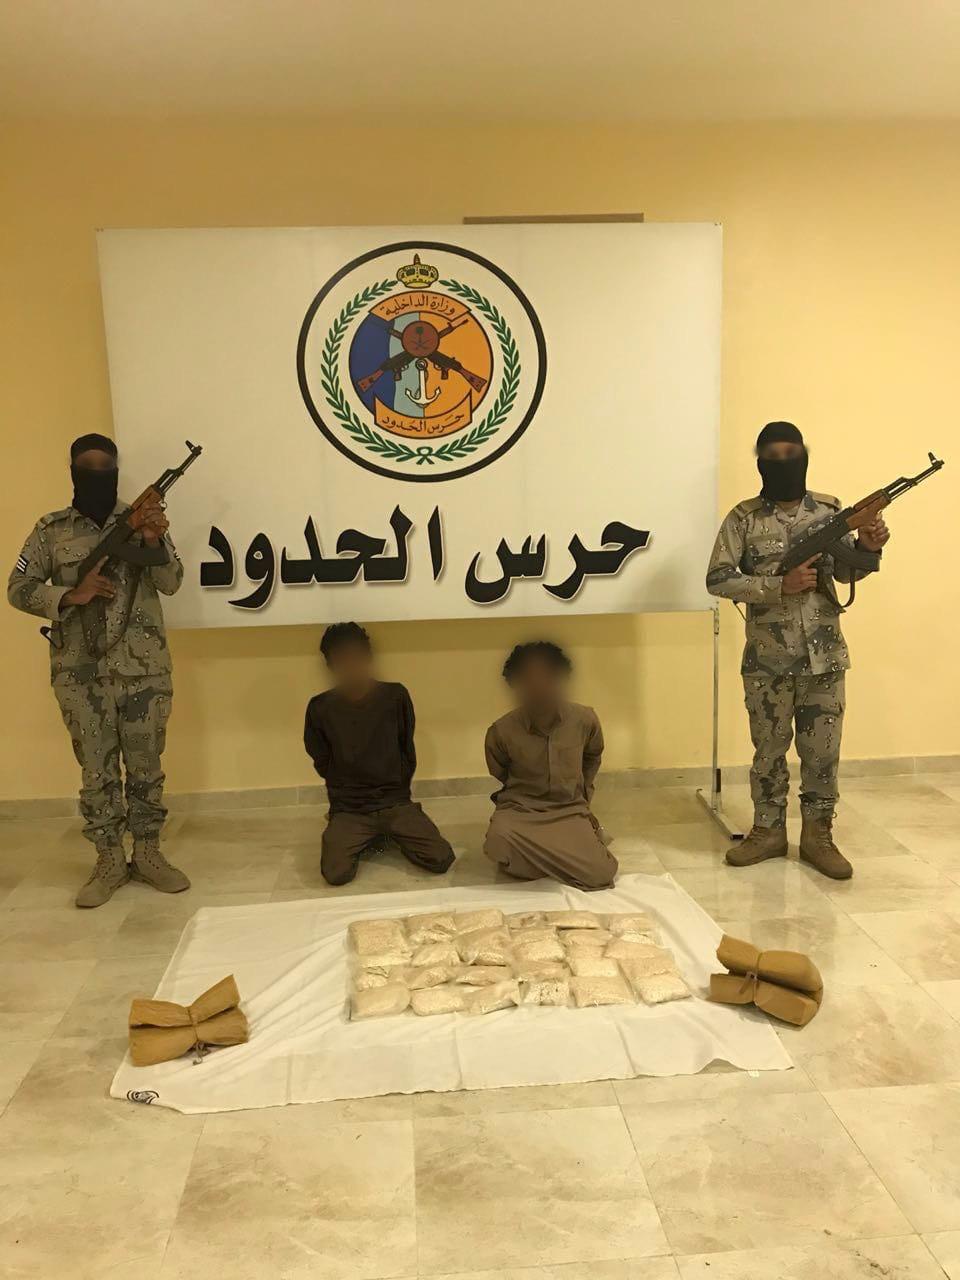 تبوك: حرس الحدود يحبطون تهريب أكثر من 100 ألف قرص مخدر